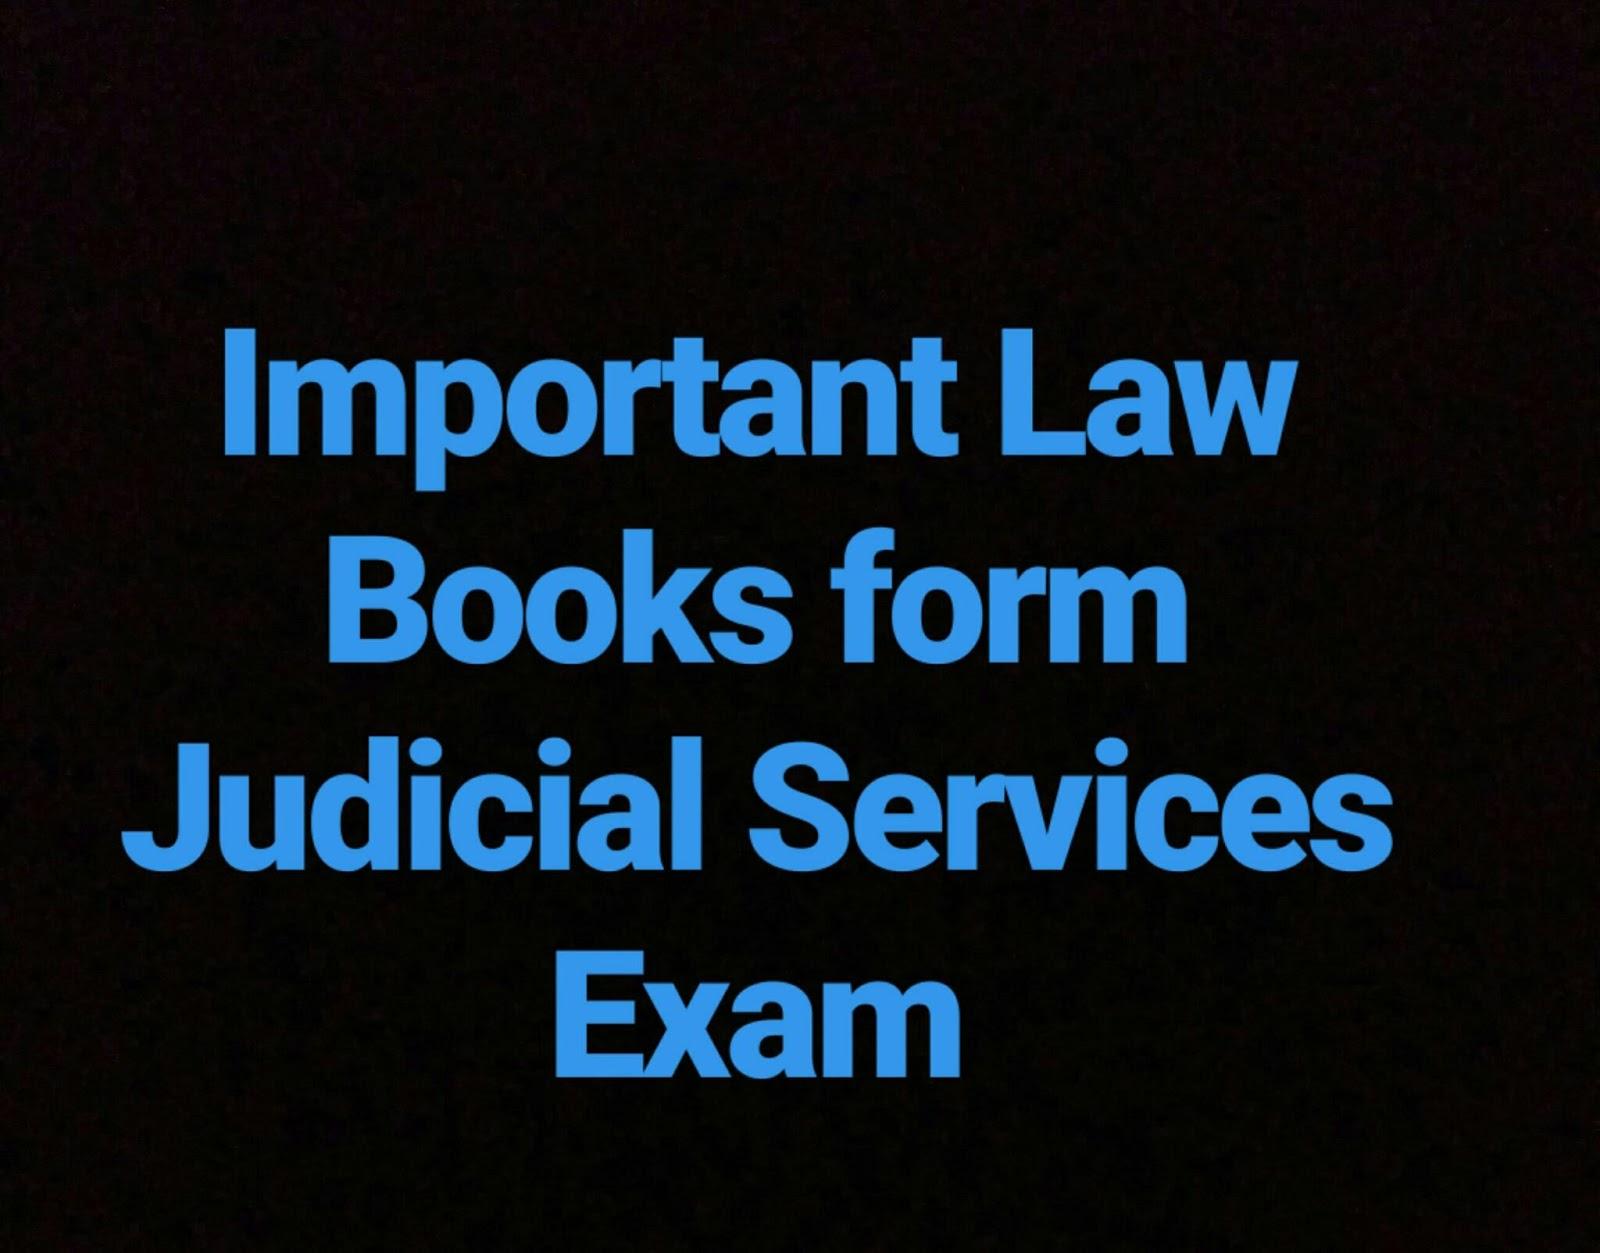 Important Books Form Judicial Services Exam Our Legal Worldcom - Legal form books